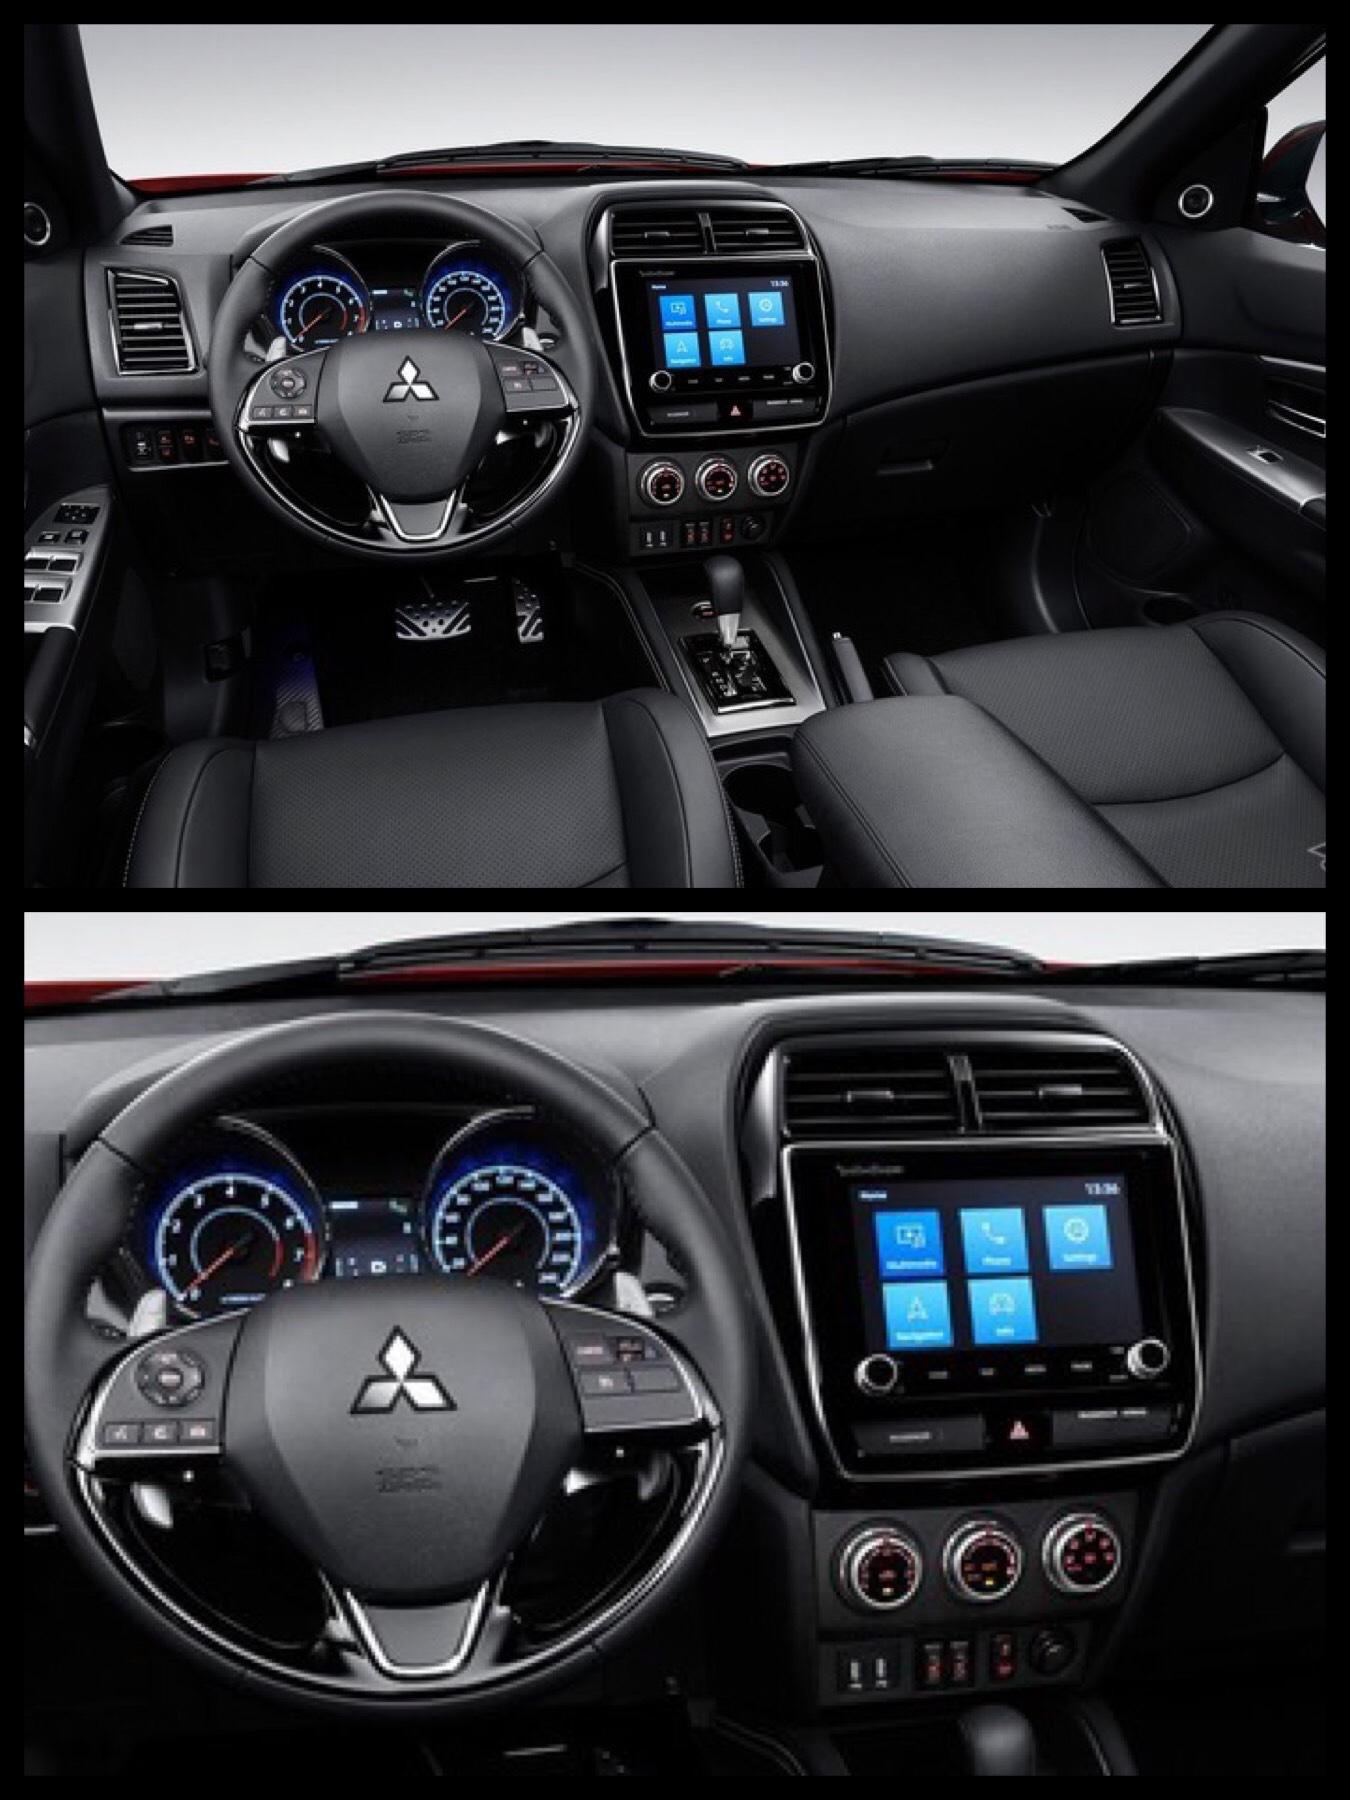 三菱 新型RVR 米国名アウトランダースポーツ 欧州名ASX2020年モデル